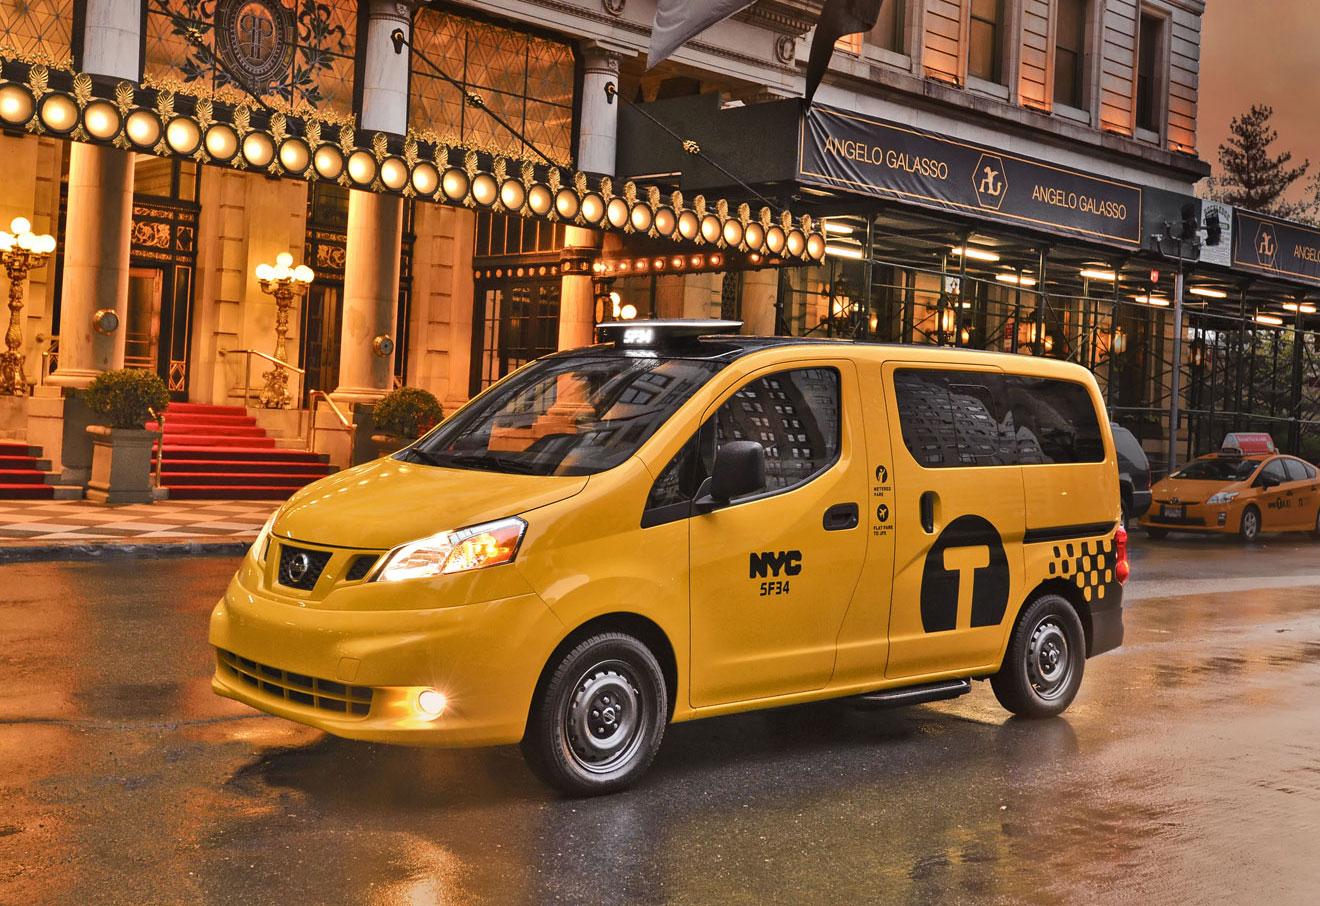 http://2.bp.blogspot.com/-dK3LMn9nX88/T_99mRqJBJI/AAAAAAAAE2g/ScaqhjM5P9I/s1600/Nissan+NV200+New+York+Taxi+Hd+Wallpapers+2014.4.jpg